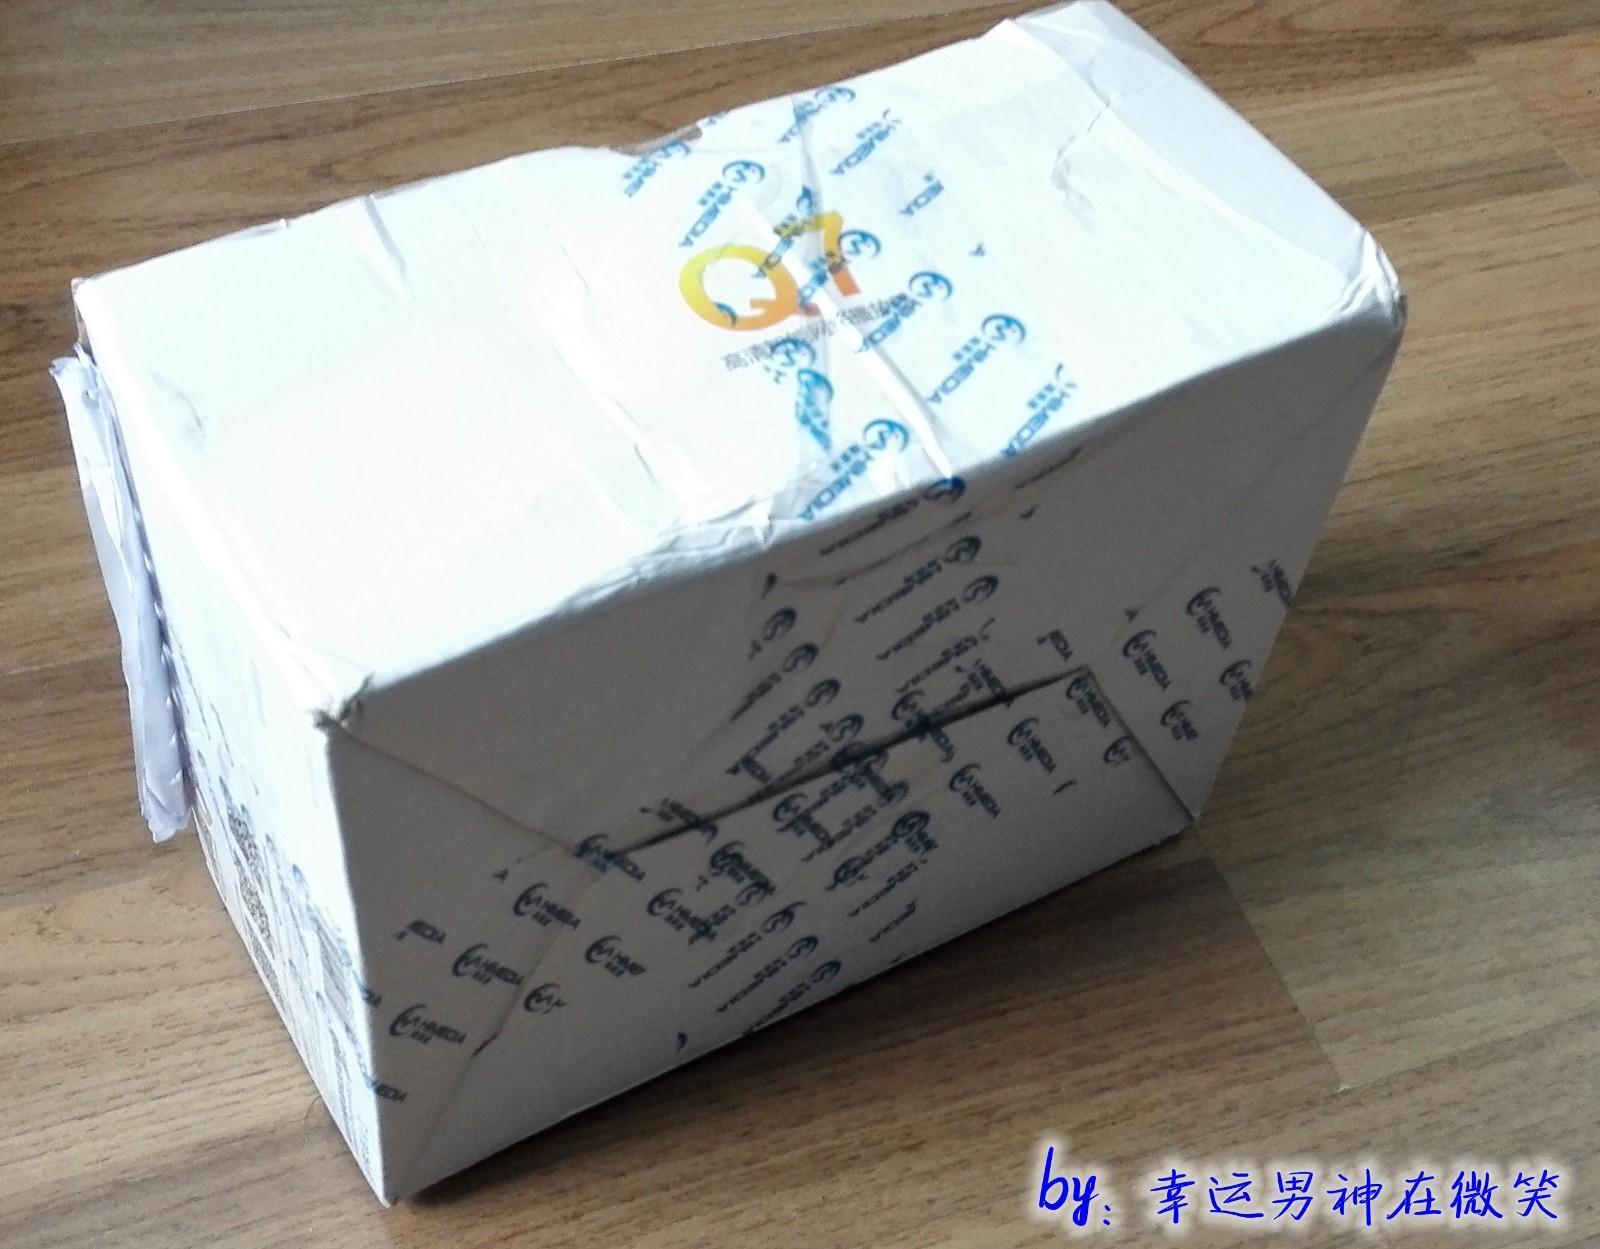 海美迪网络机顶盒